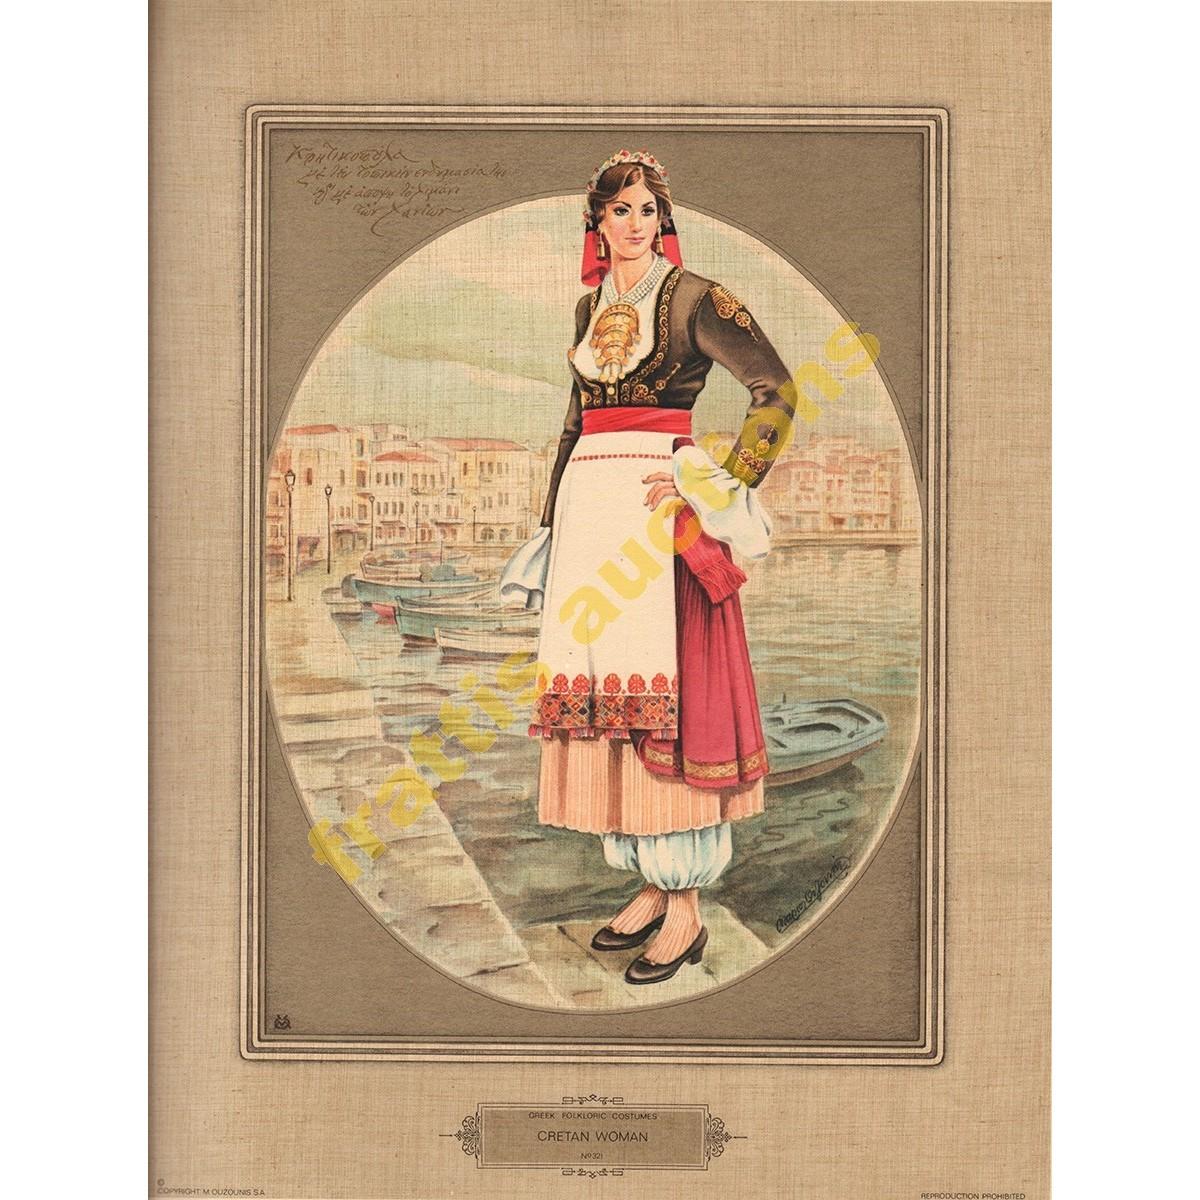 ΚΡΗΤΗ Αφίσα Γυναίκας με Παραδοσιακή Φορεσιά.